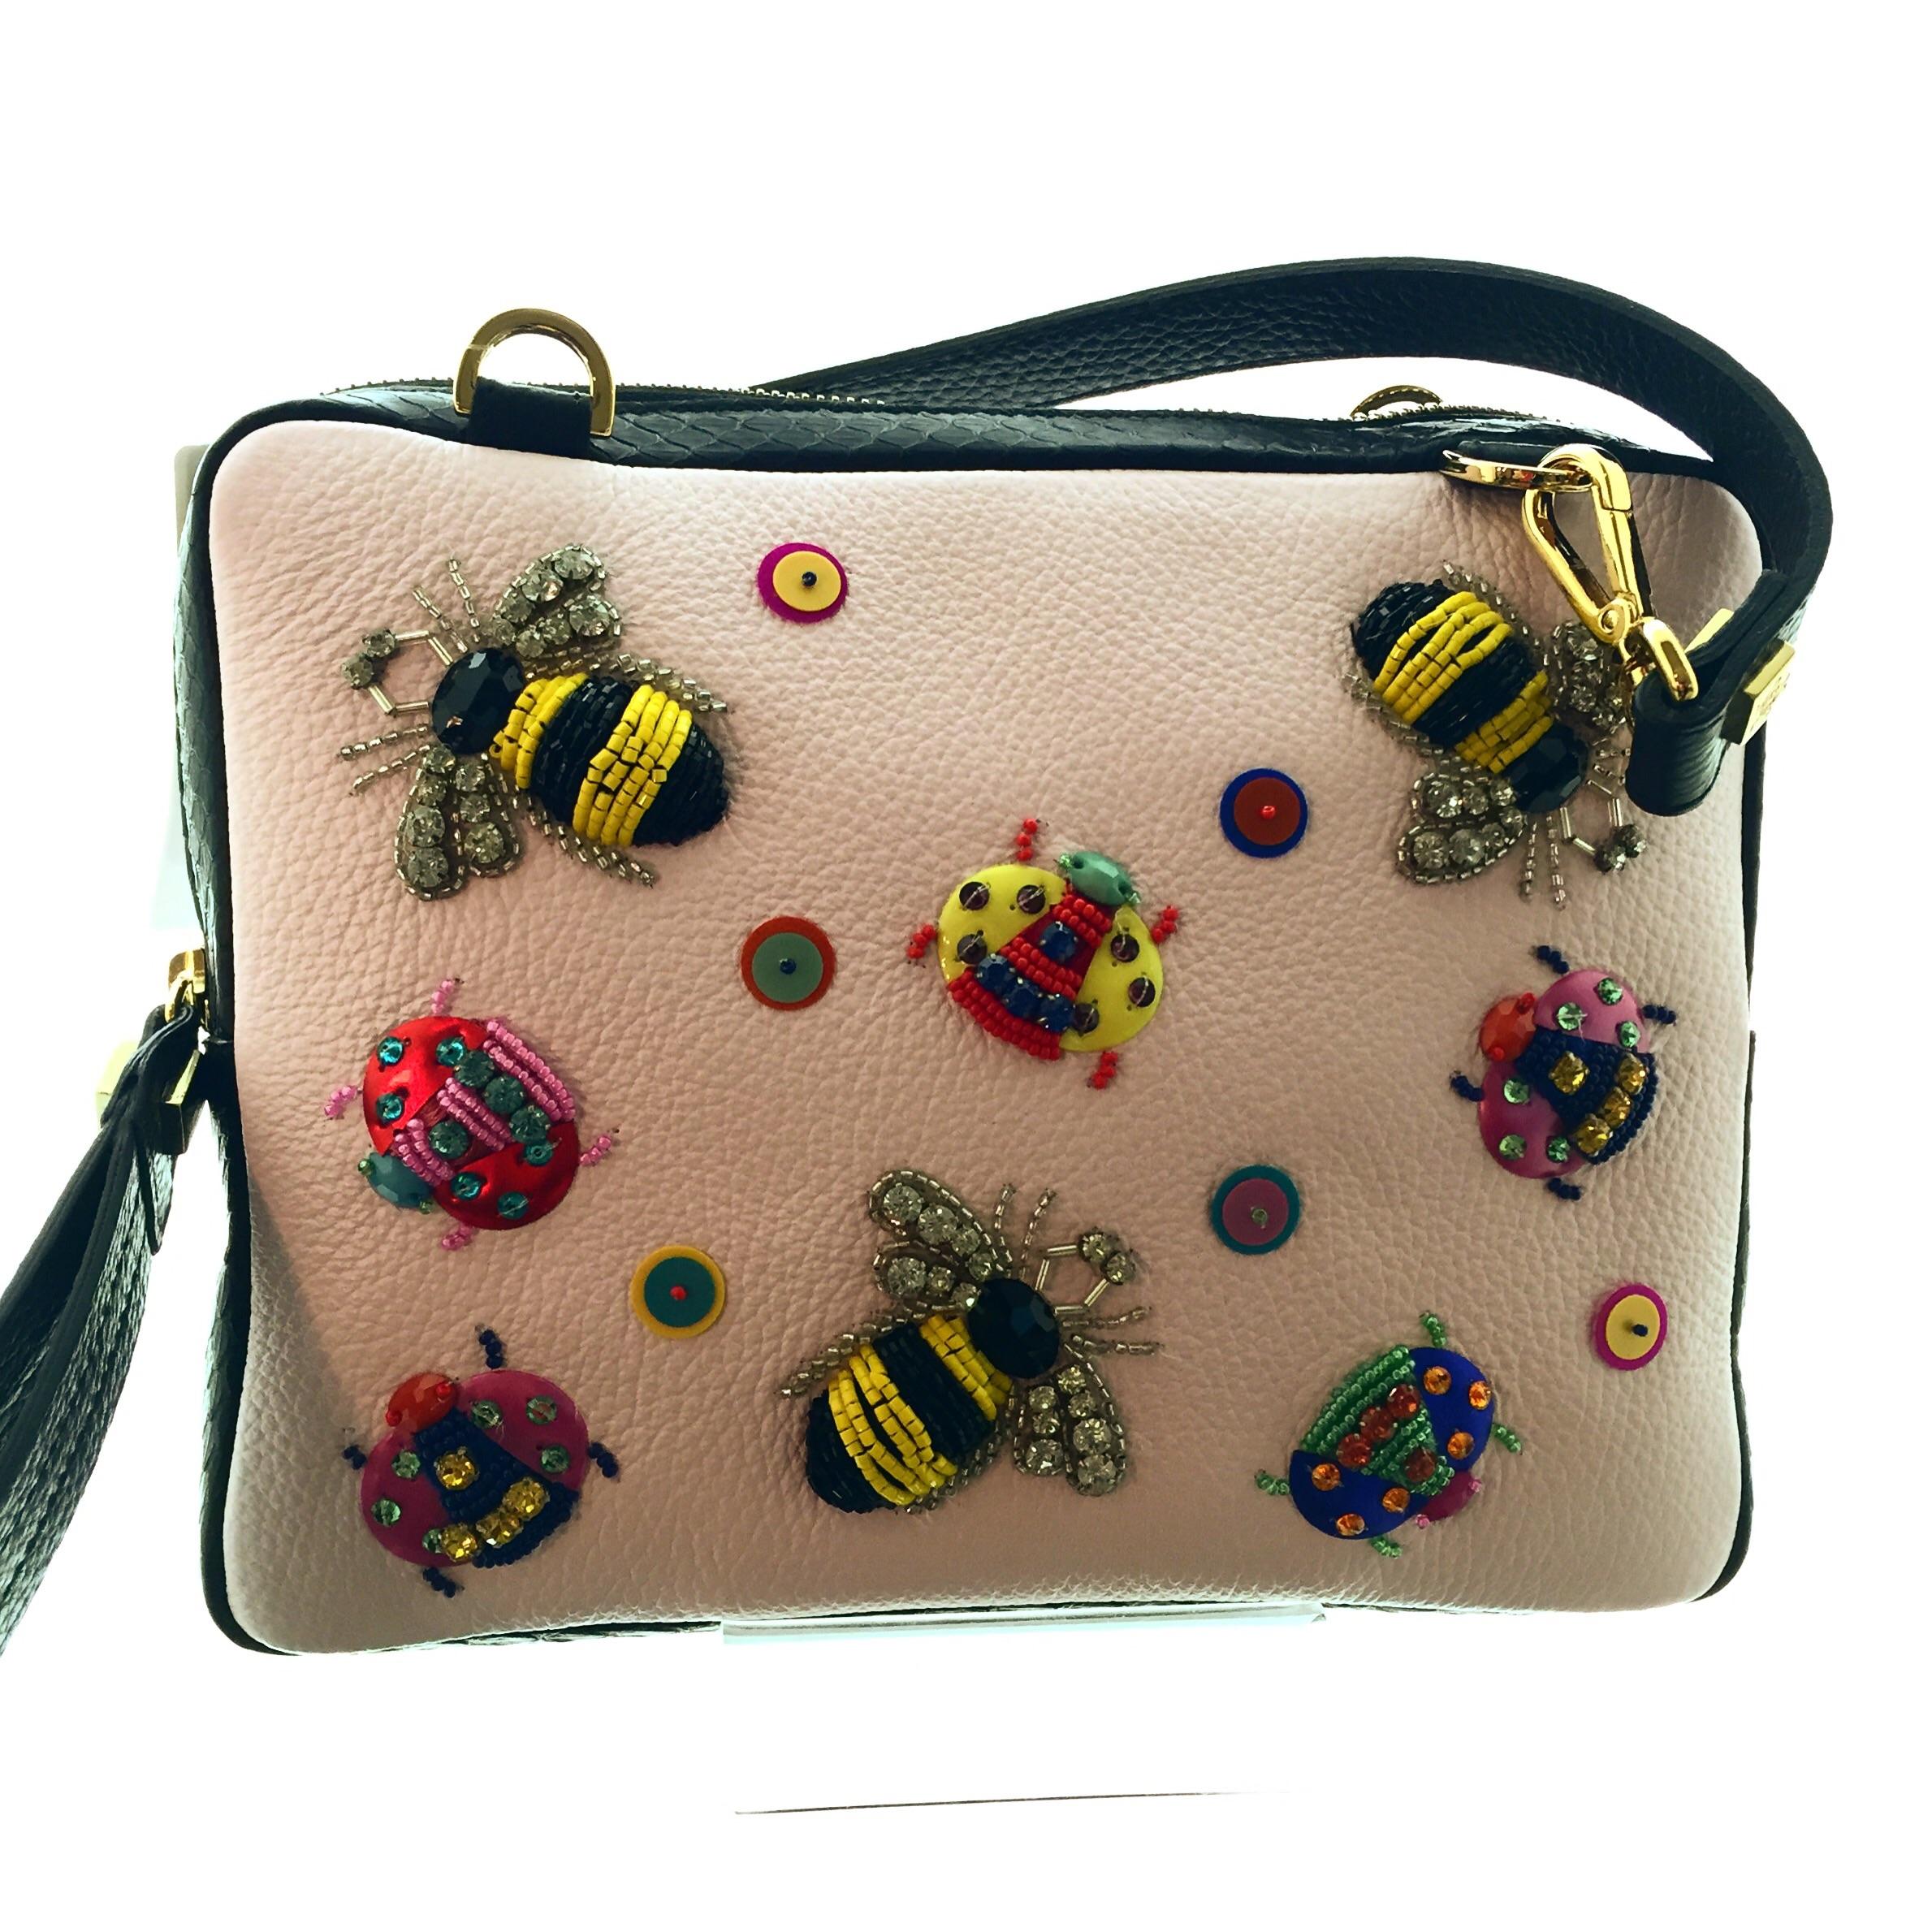 かわいいバッグ |  イタリアのバッグ | ベルパリ | boutique Bell Paris | 田市 |